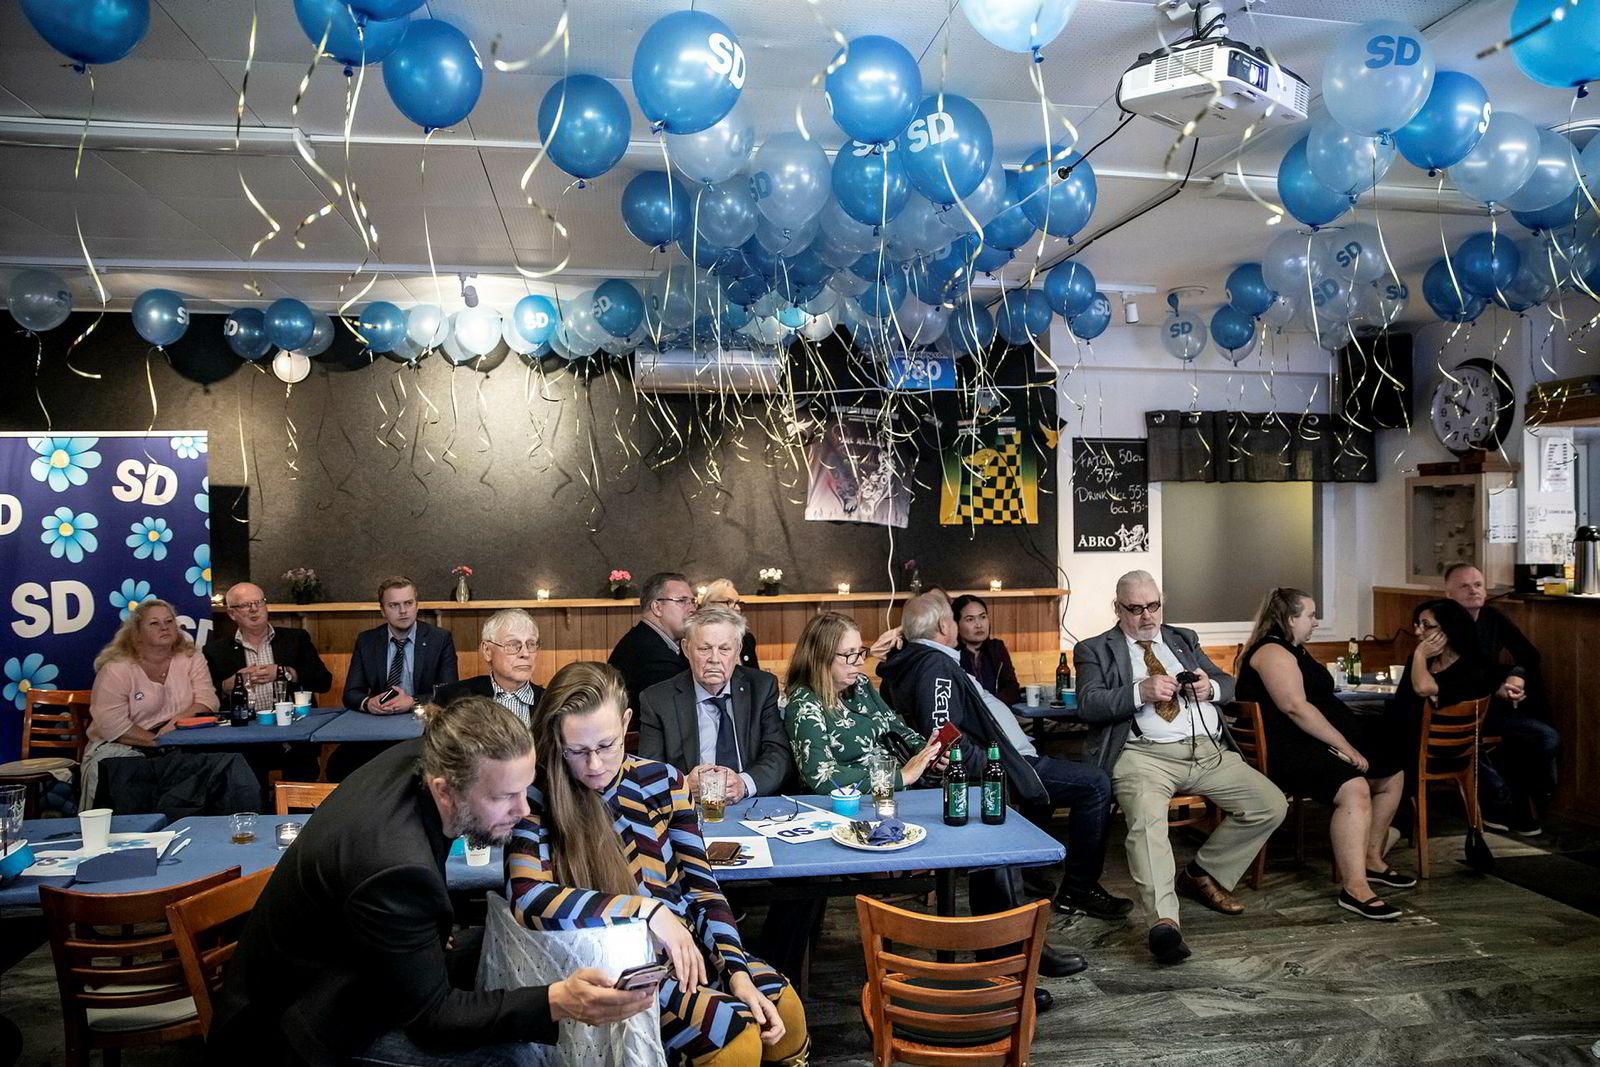 Da Sverige ble kastet ut i politisk kaos: Det var en skuffet stemning under valgvaken til Sverigedemokratenas lokallag i Södertälje, sør for Stockholm. Til tross for at partiet ble det tredje største i det svenske riksdagsvalget, hadde de fått færre stemmer enn forventet. I tillegg var det tydelig at partiet fortsatt ikke ville bli invitert med inn i regjeringsdiskusjonene av de andre partiene.